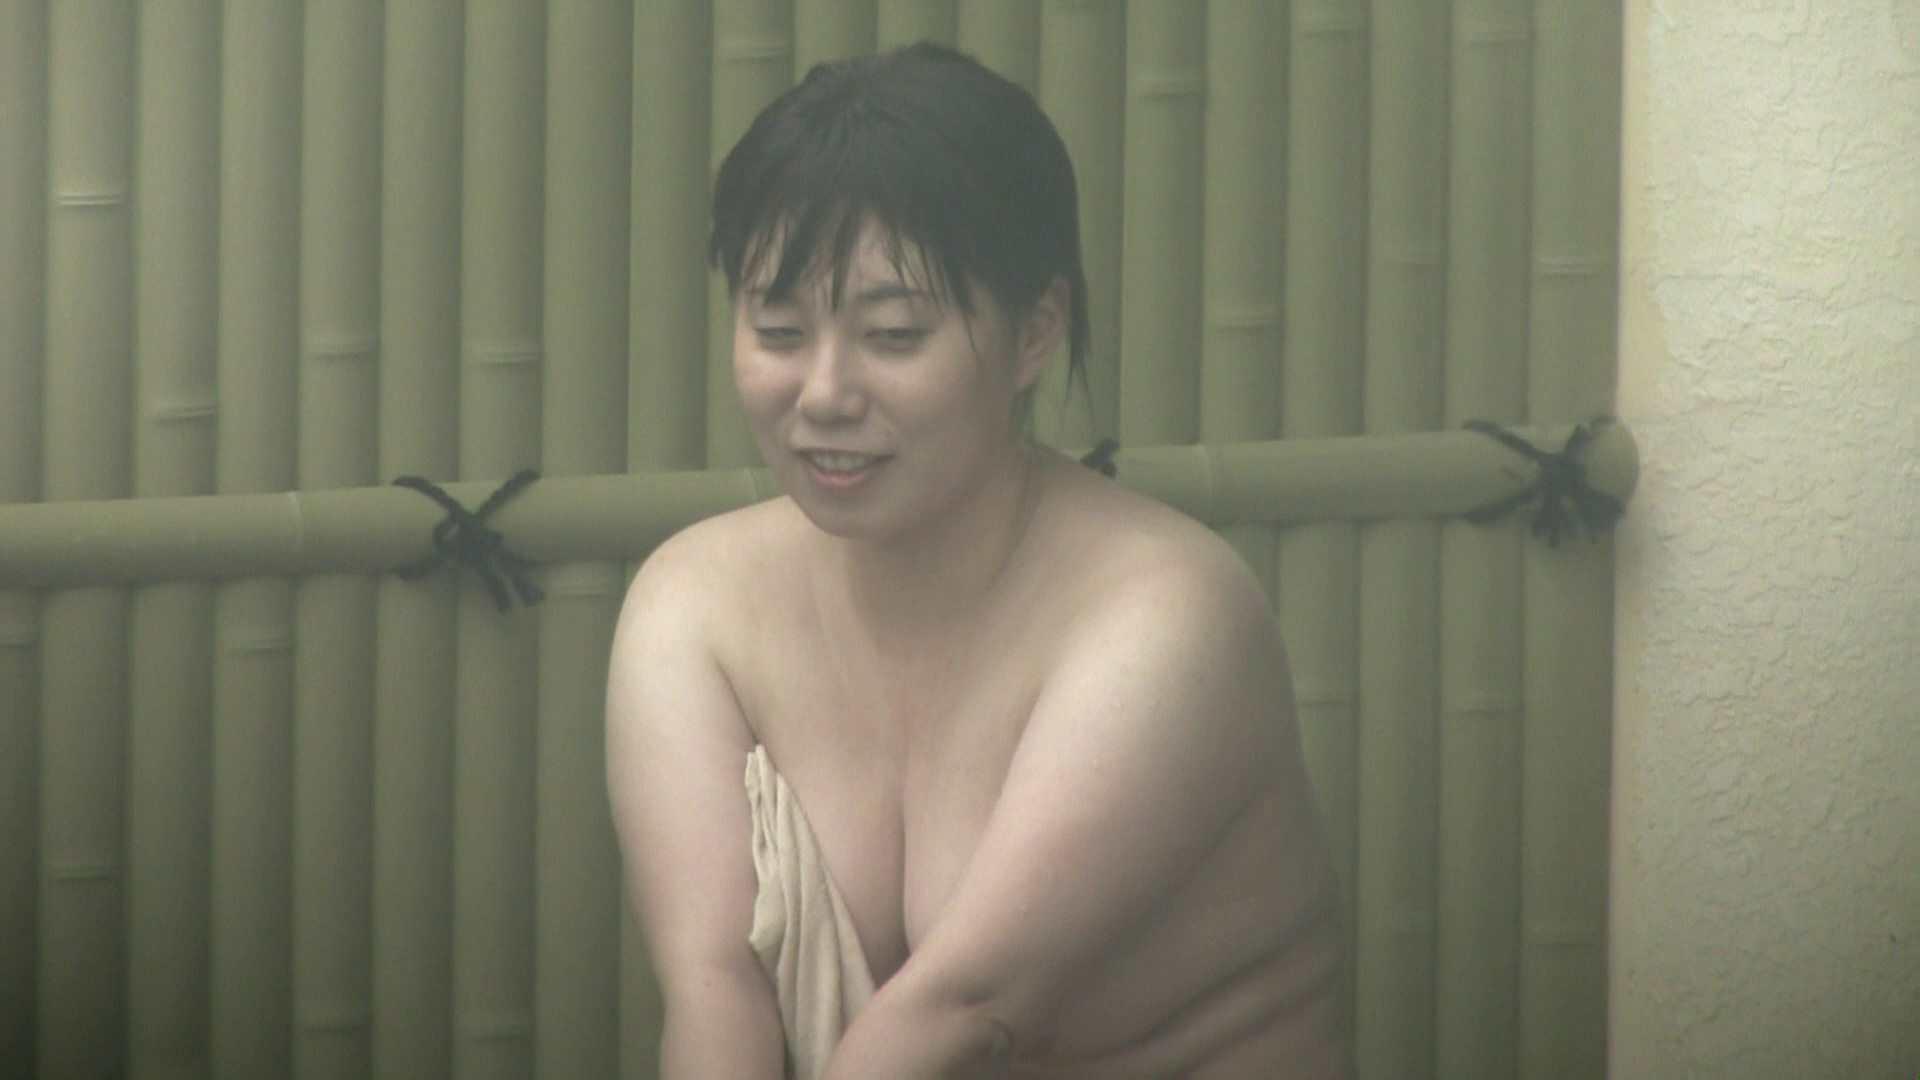 Aquaな露天風呂Vol.35【VIP】 露天風呂 | 盗撮動画  11枚 9